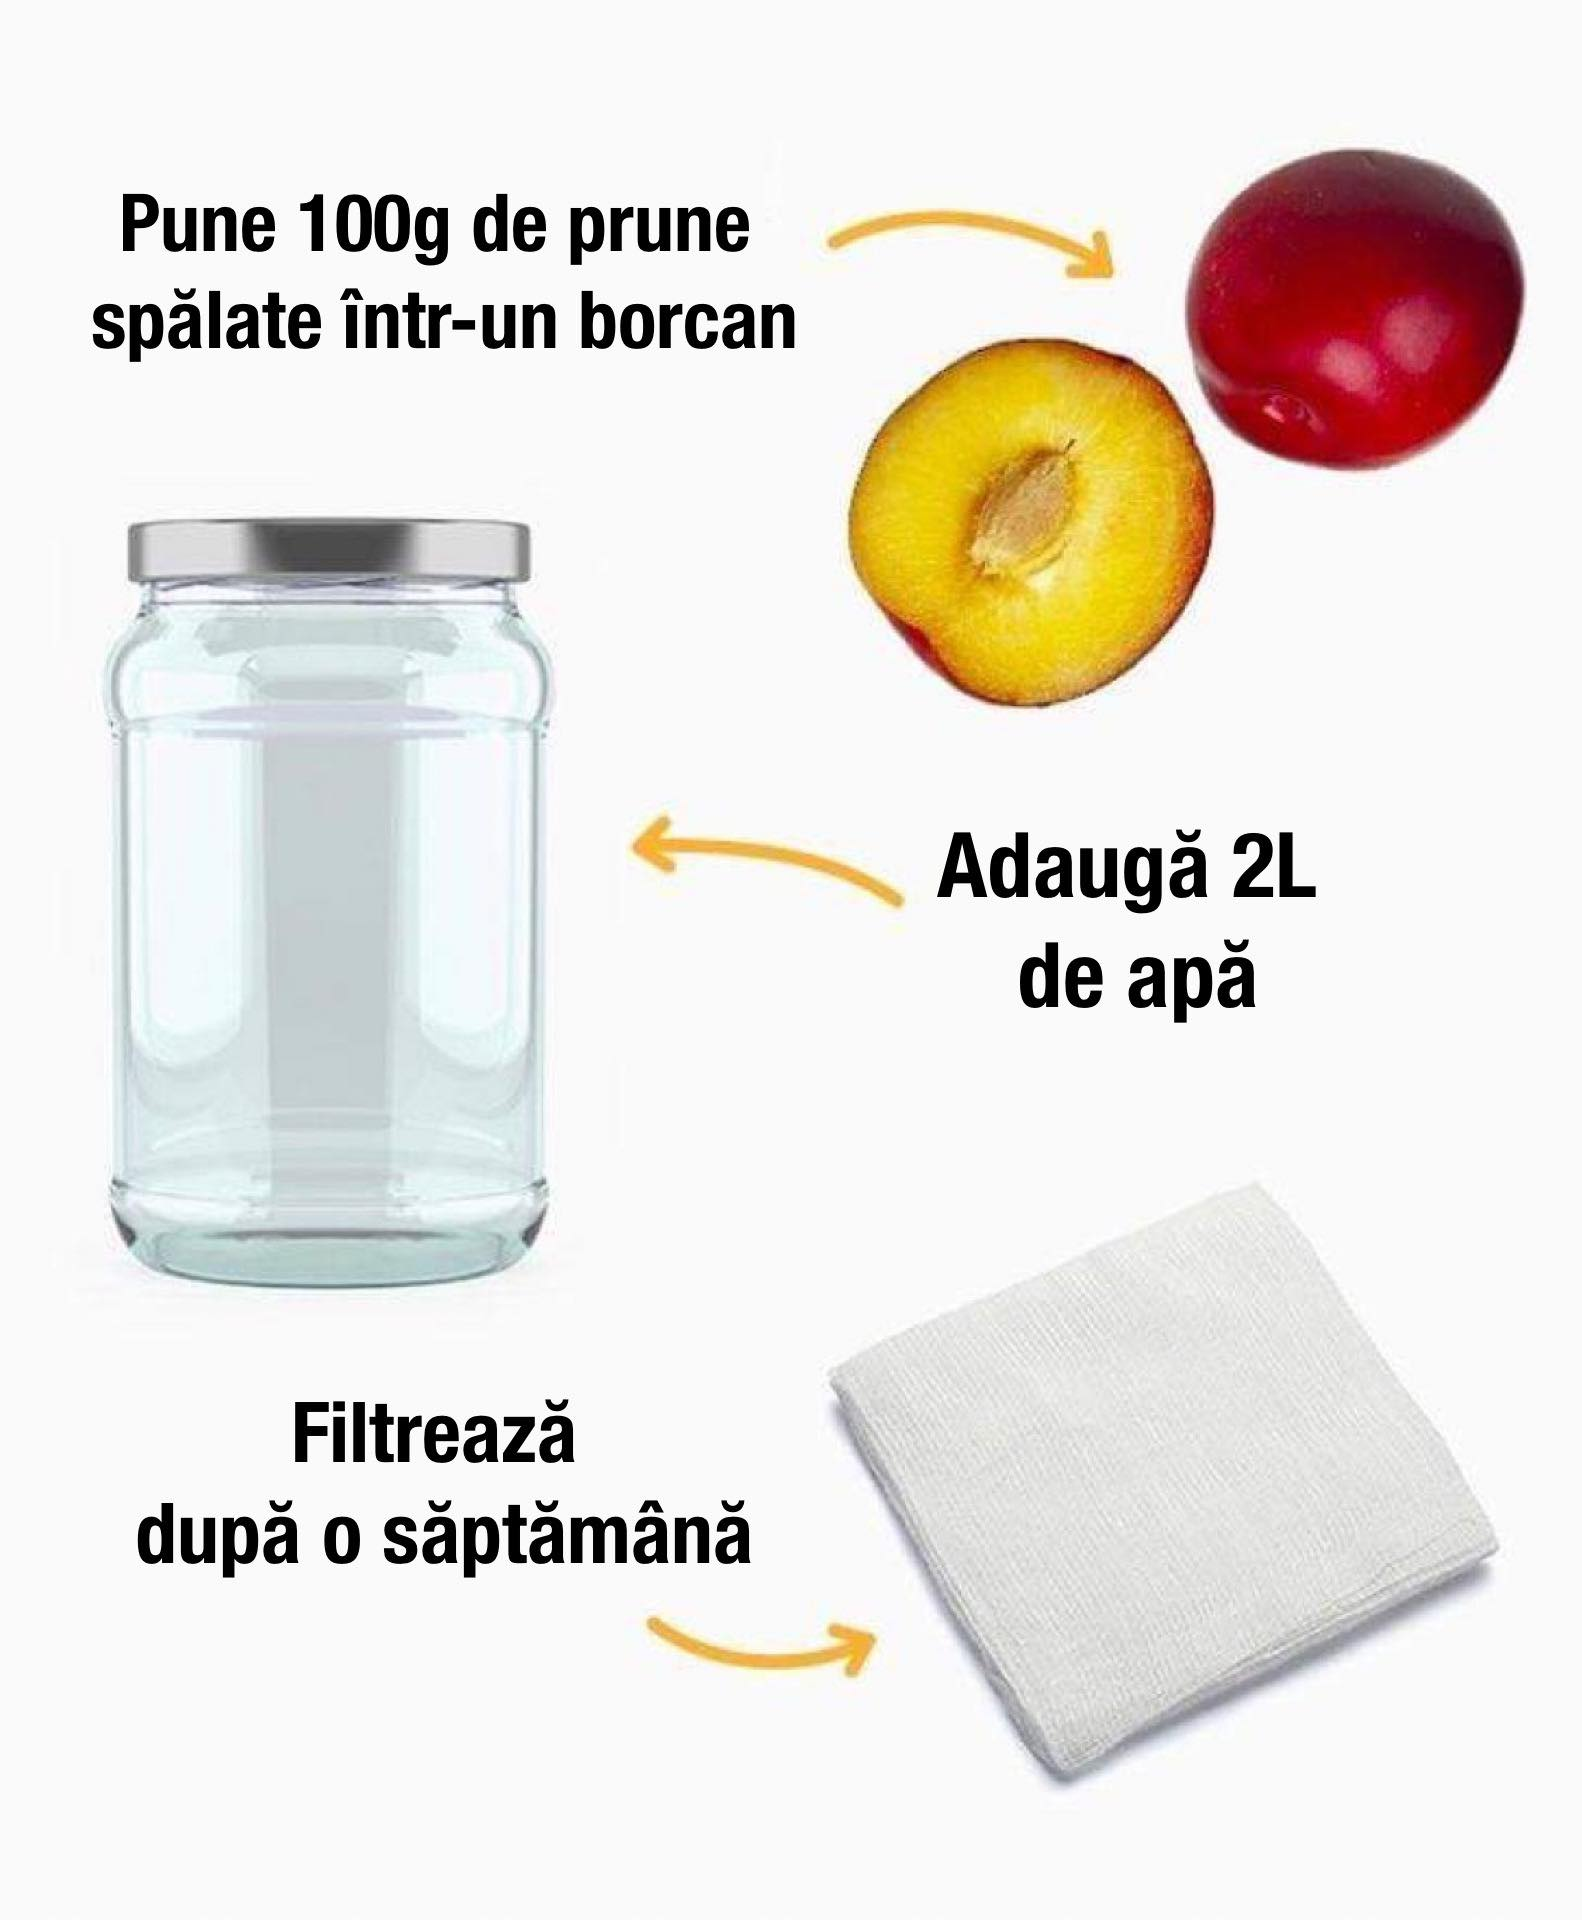 pierdere în greutate băuturi de spălare)